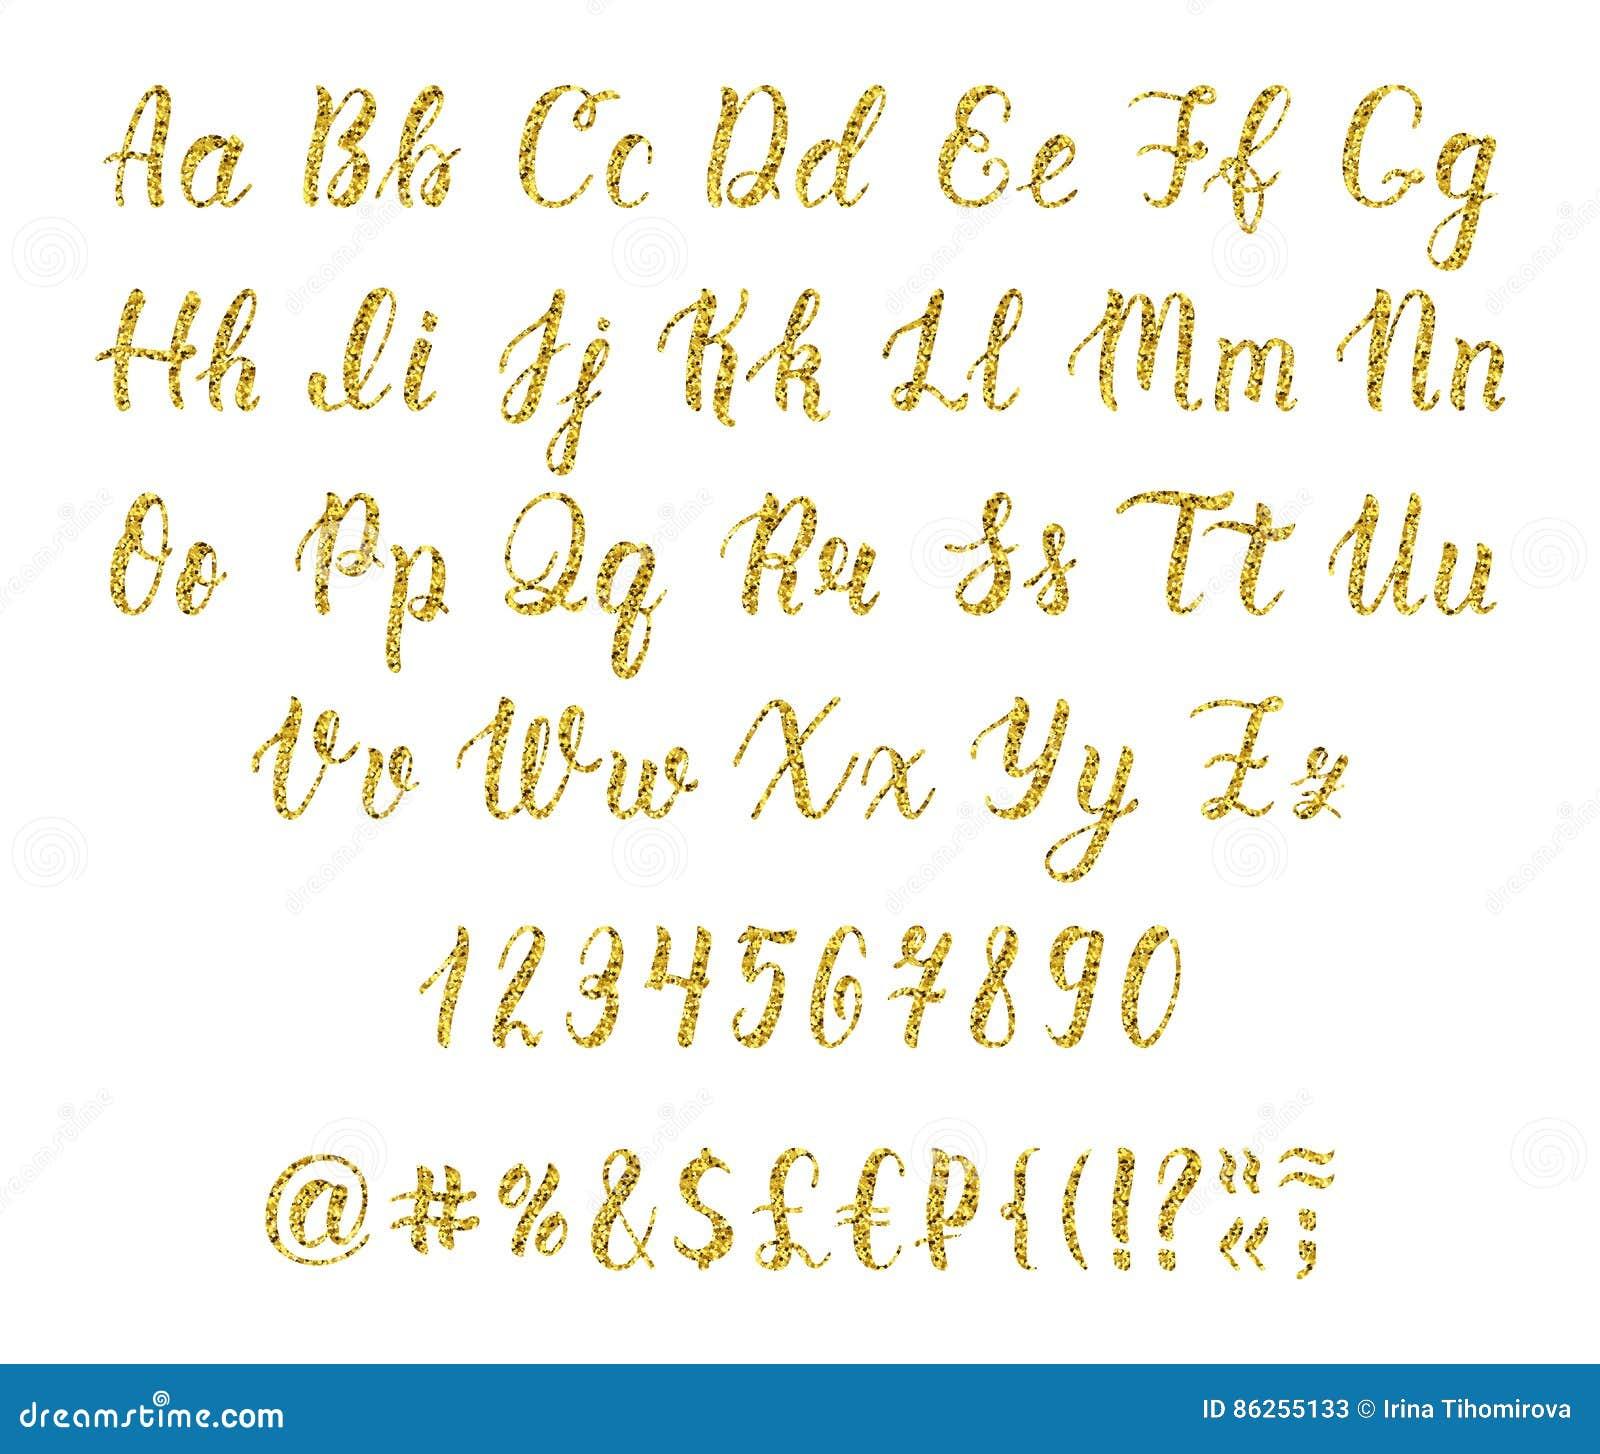 Manuscrit latin manuscrit de brosse de calligraphie avec des nombres et des signes de ponctuation Alphabet de scintillement d or